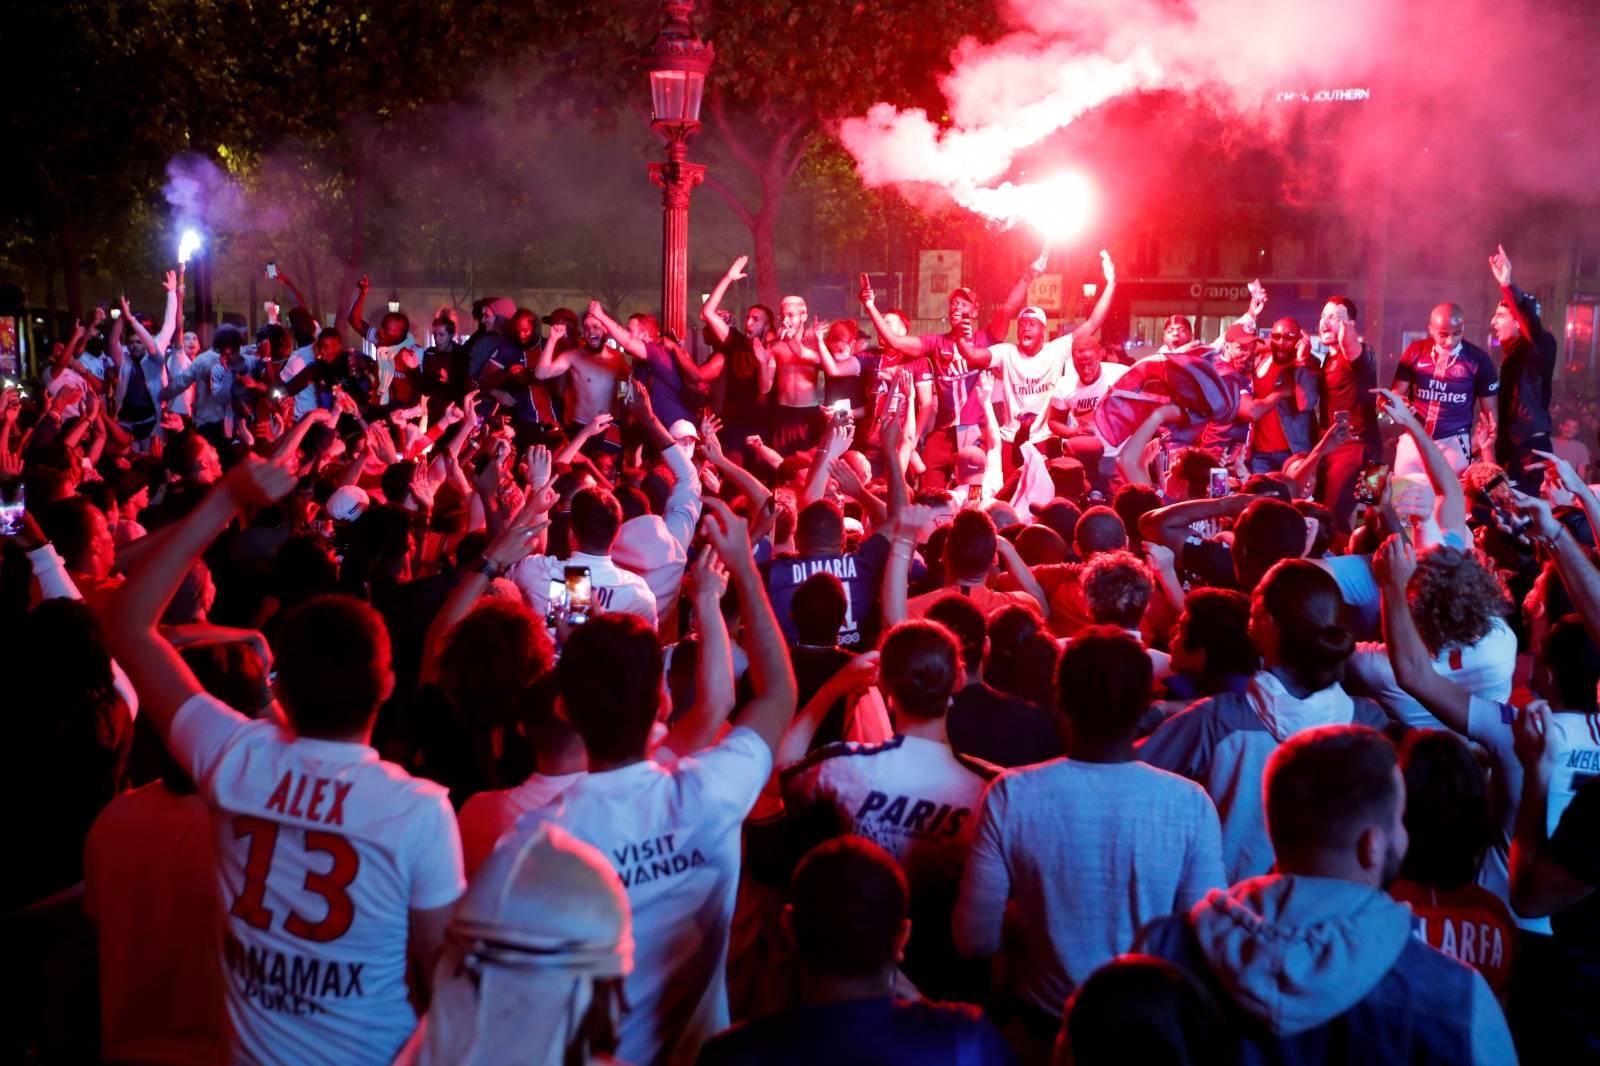 Champions League - Semi Final - Paris St Germain fans celebrate after their Champions League Semi Final match against RB Leipzig